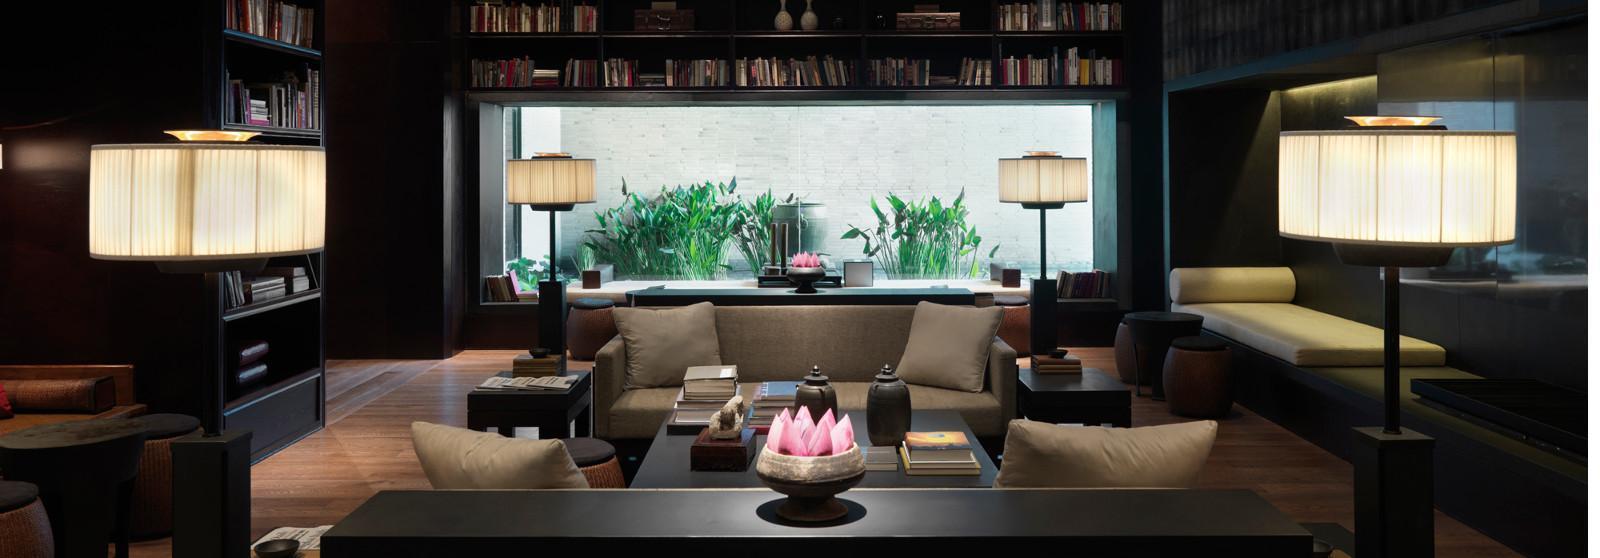 璞麗酒店(The PuLi Hotel and Spa)【 上海,中国】  酒店  www.lhw.cn